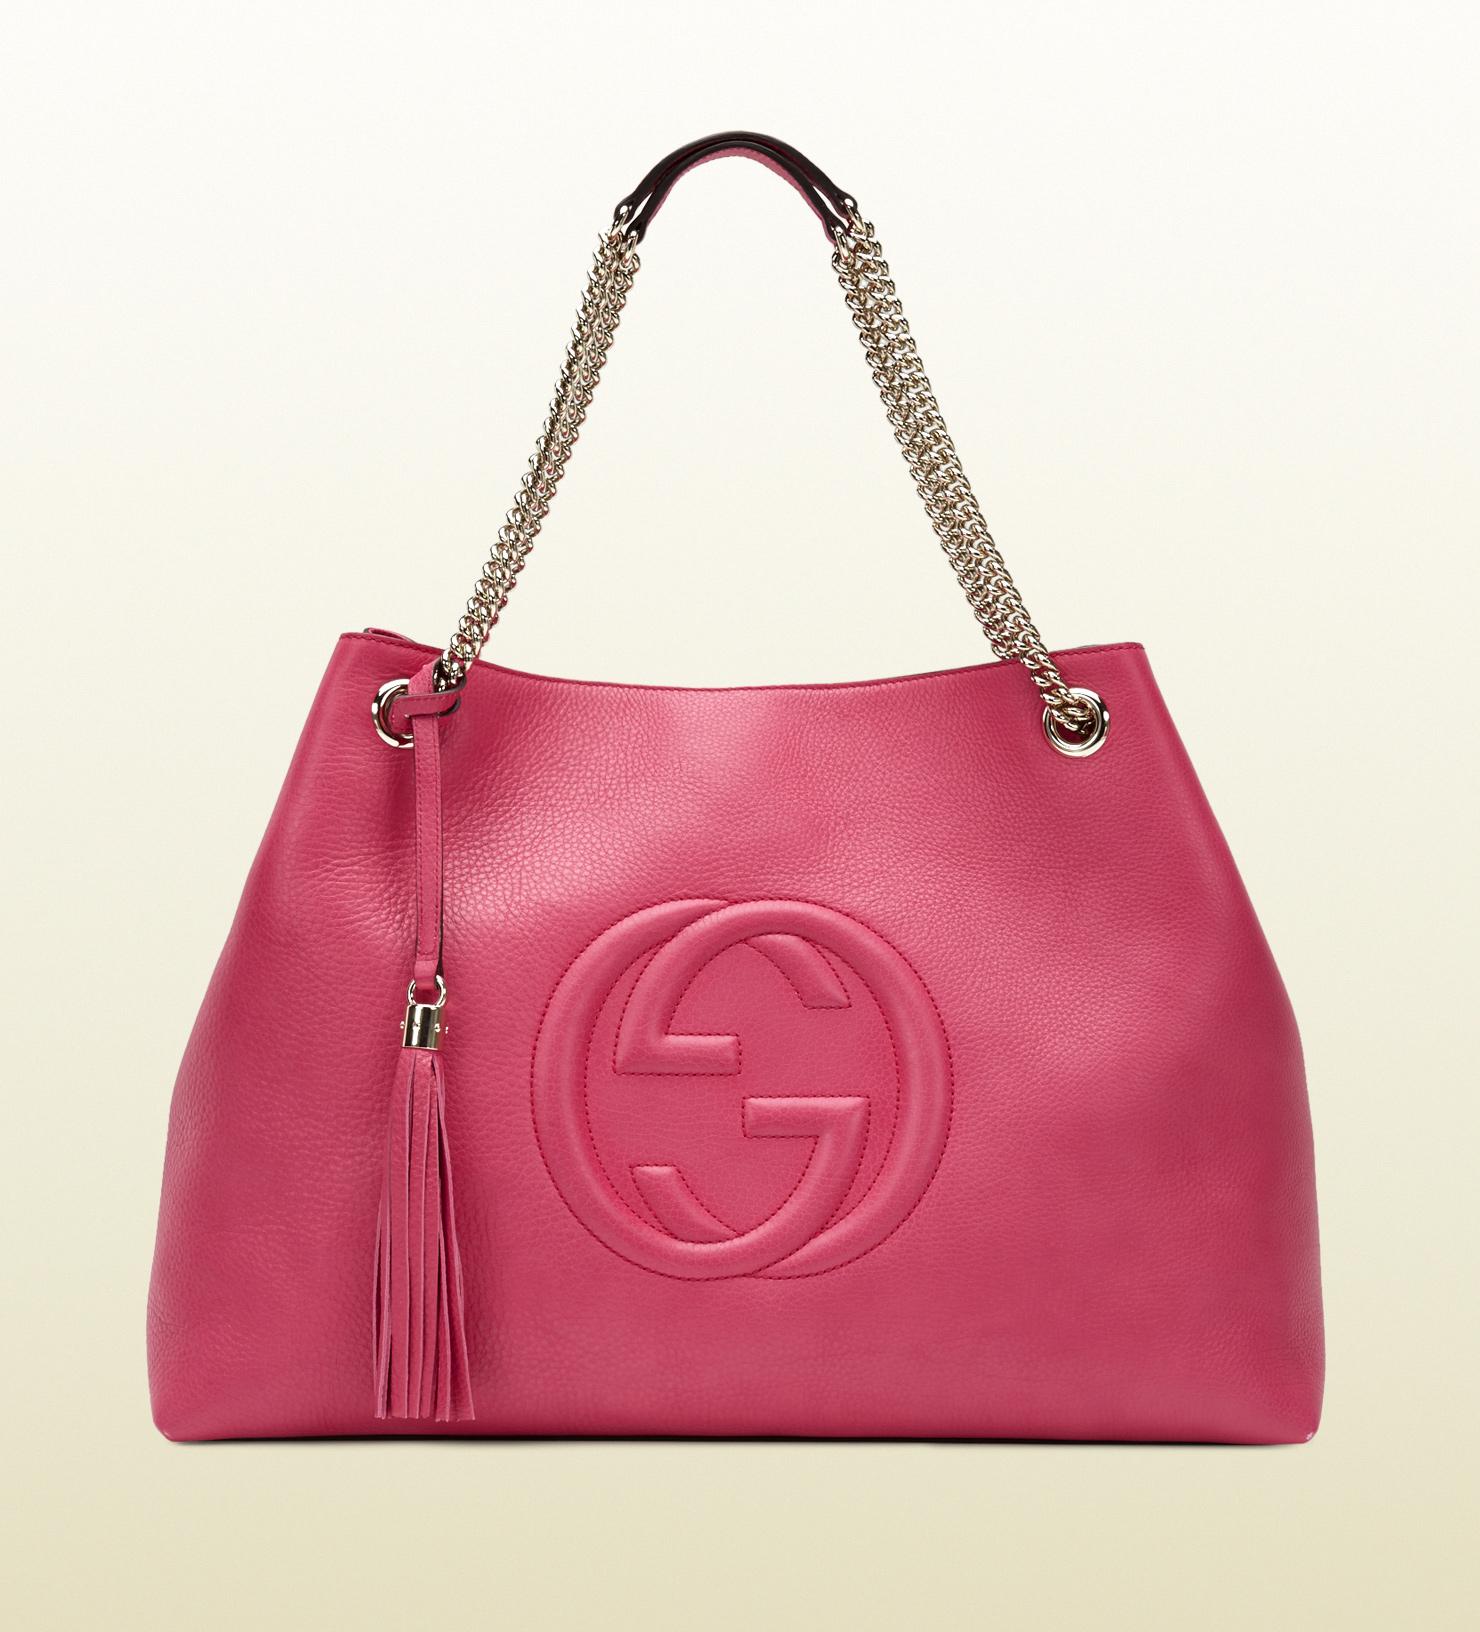 Gucci Soho Shocking Pink Leather Shoulder Bag in Pink | Lyst